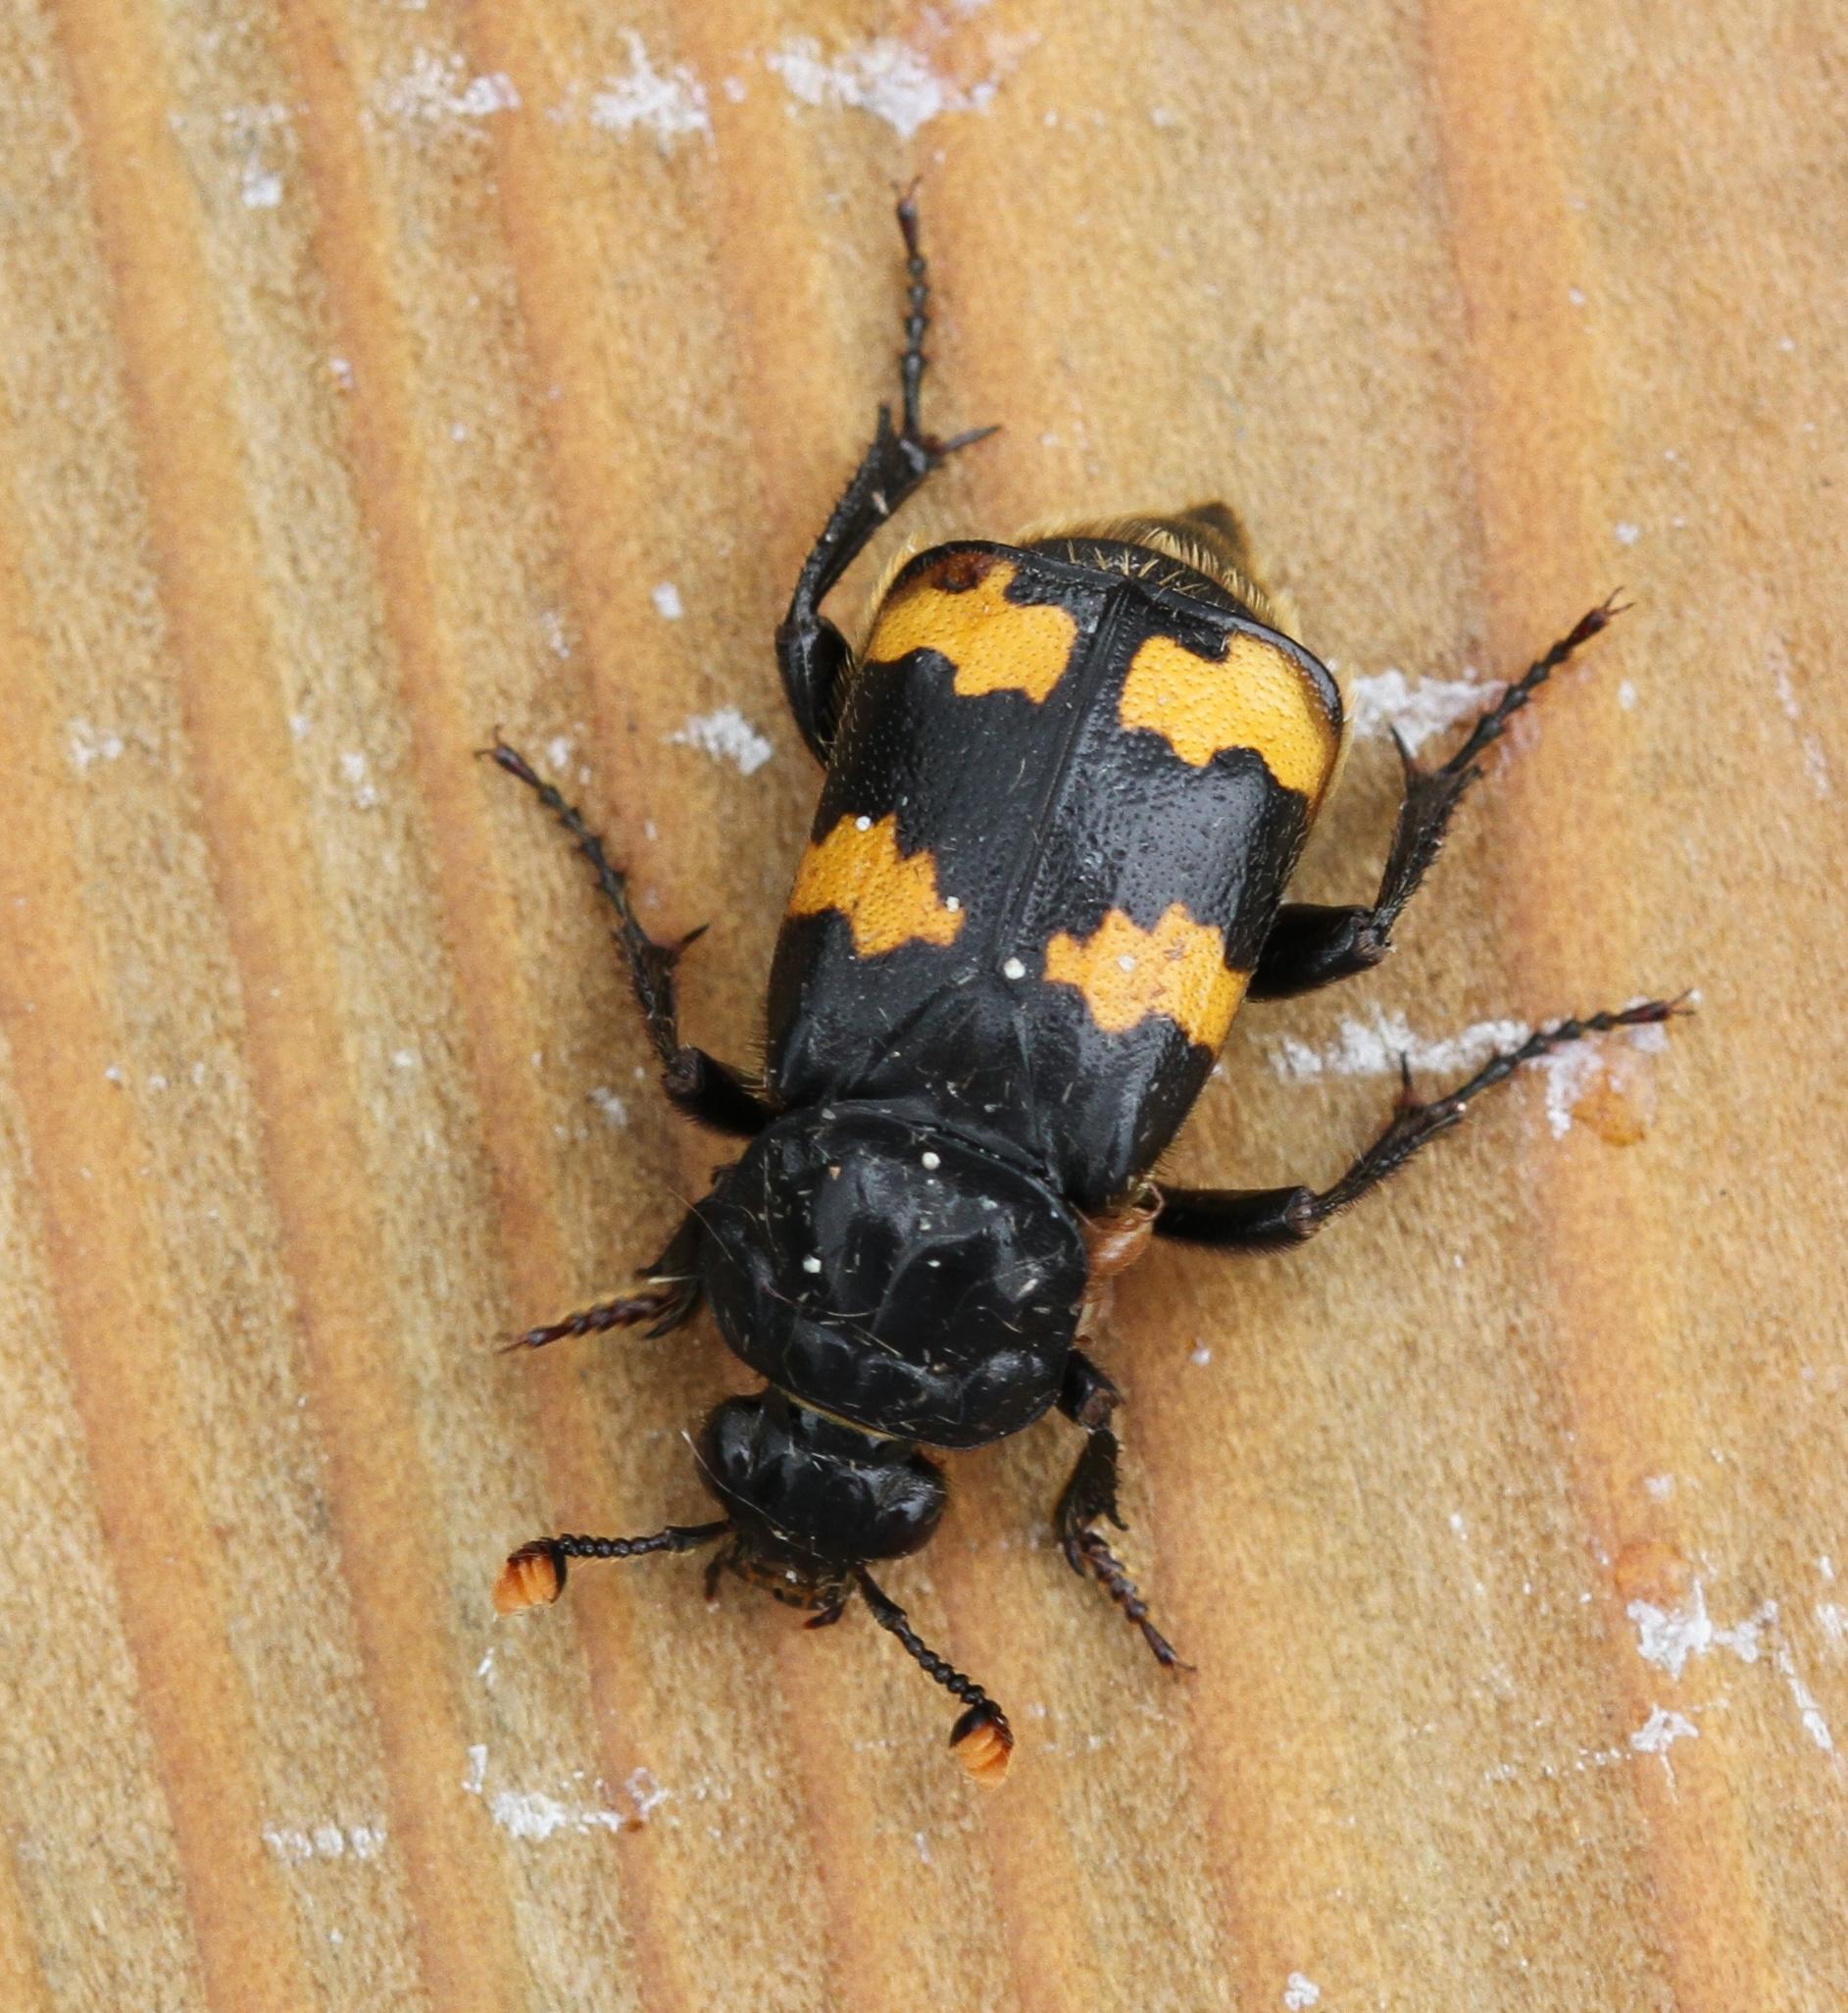 Image of Burying beetle